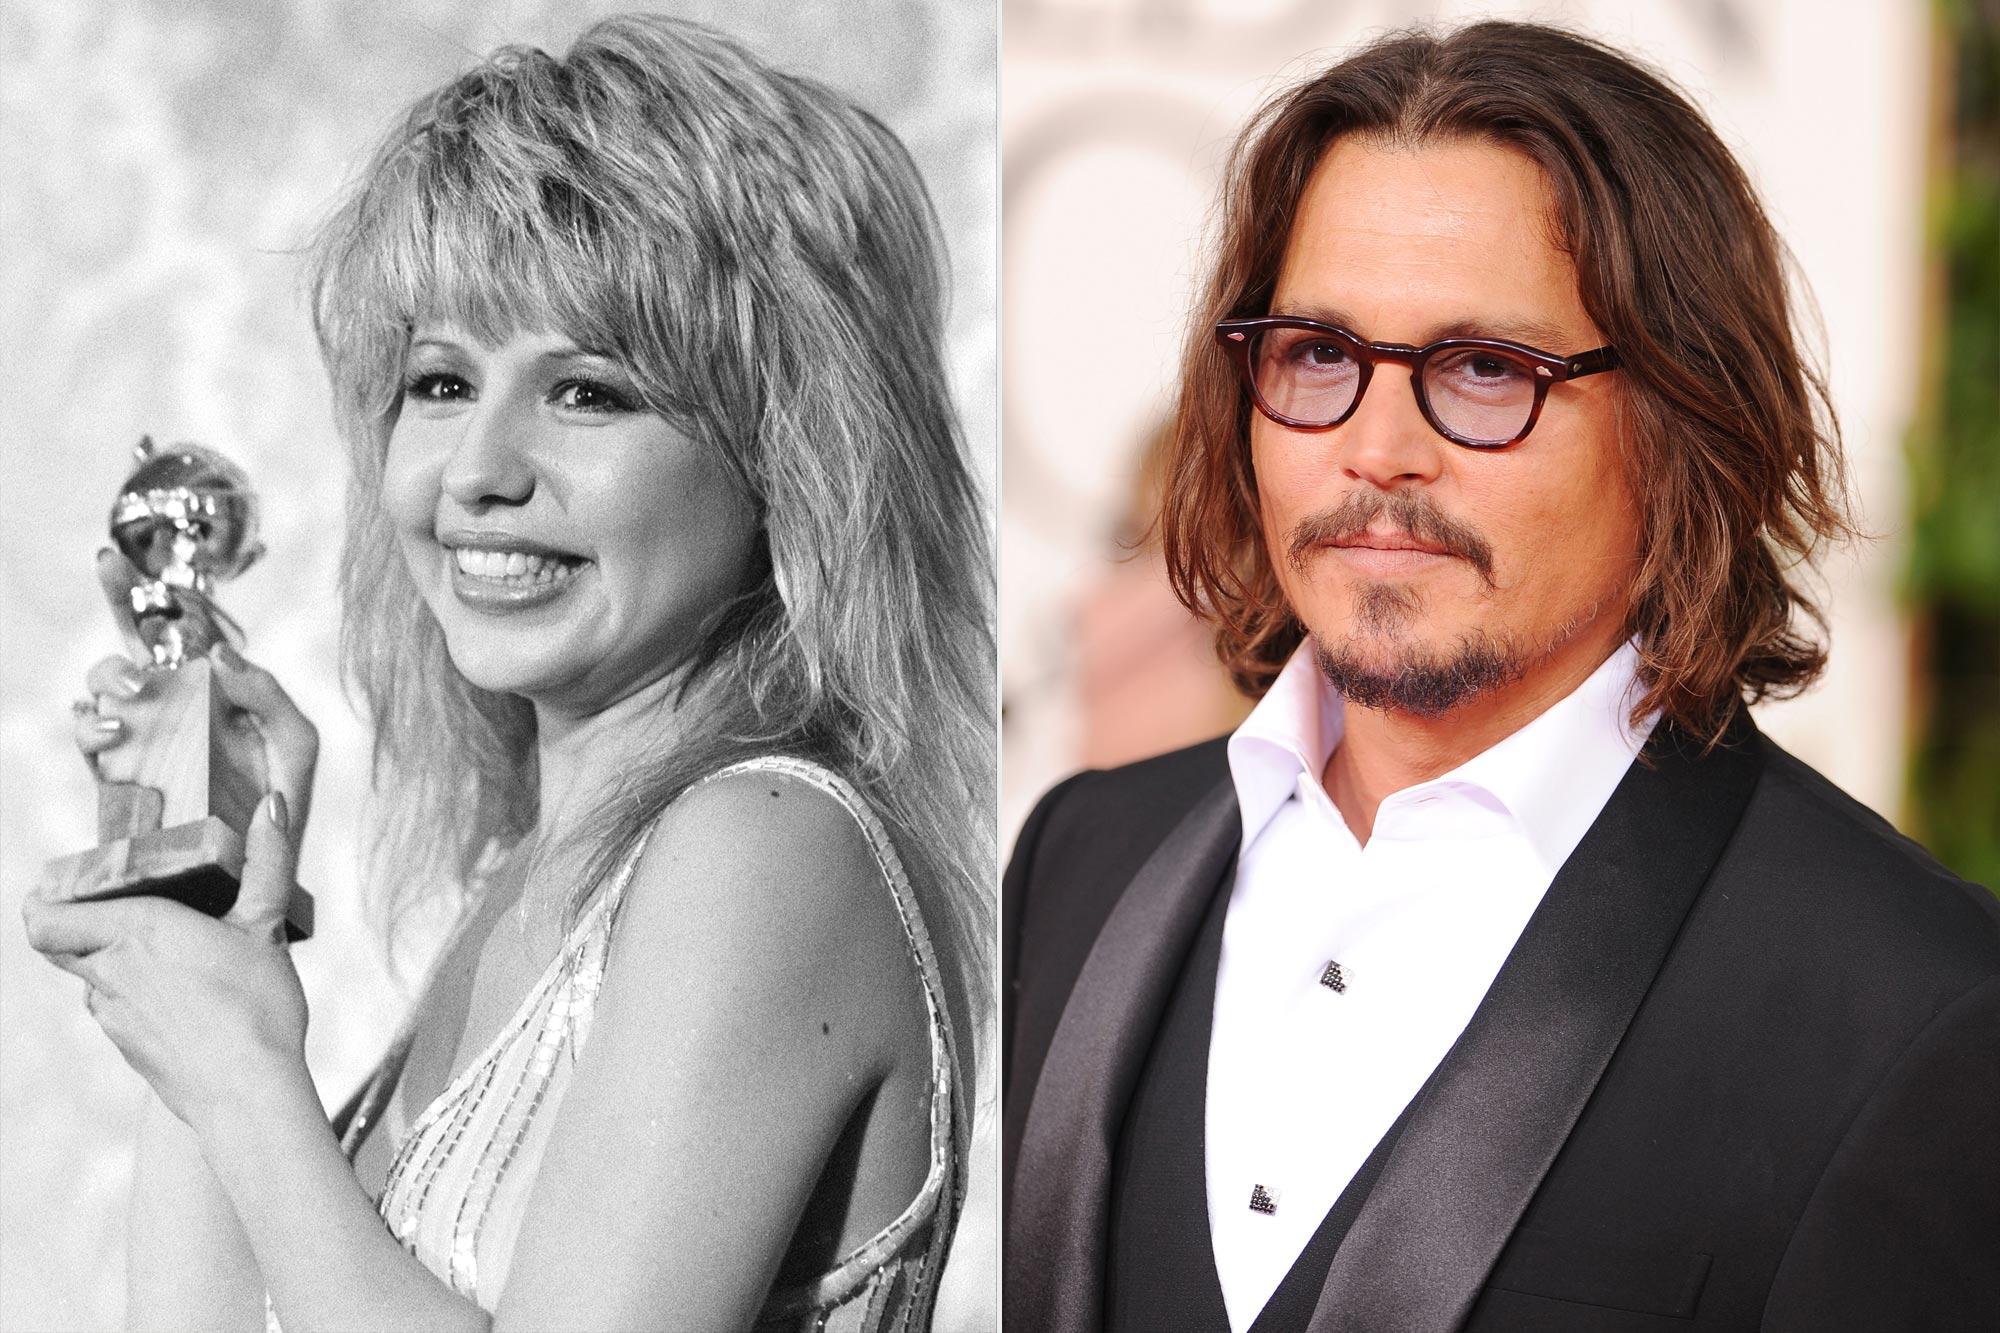 Pia Zadora and Johnny Depp